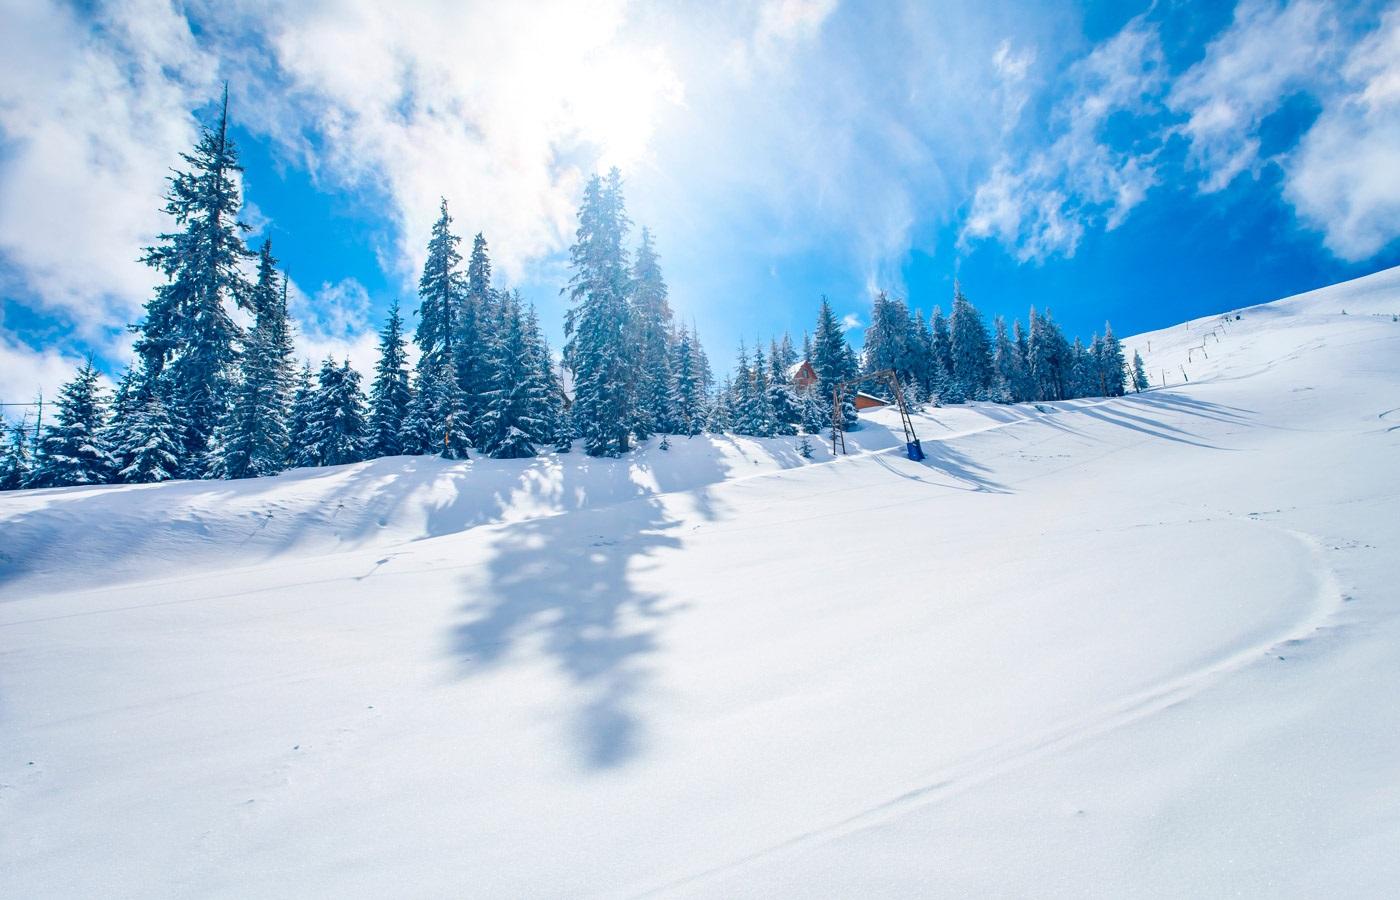 Se acerca la nieve d nde quieres disfrutarla - Alojamiento en la nieve ...